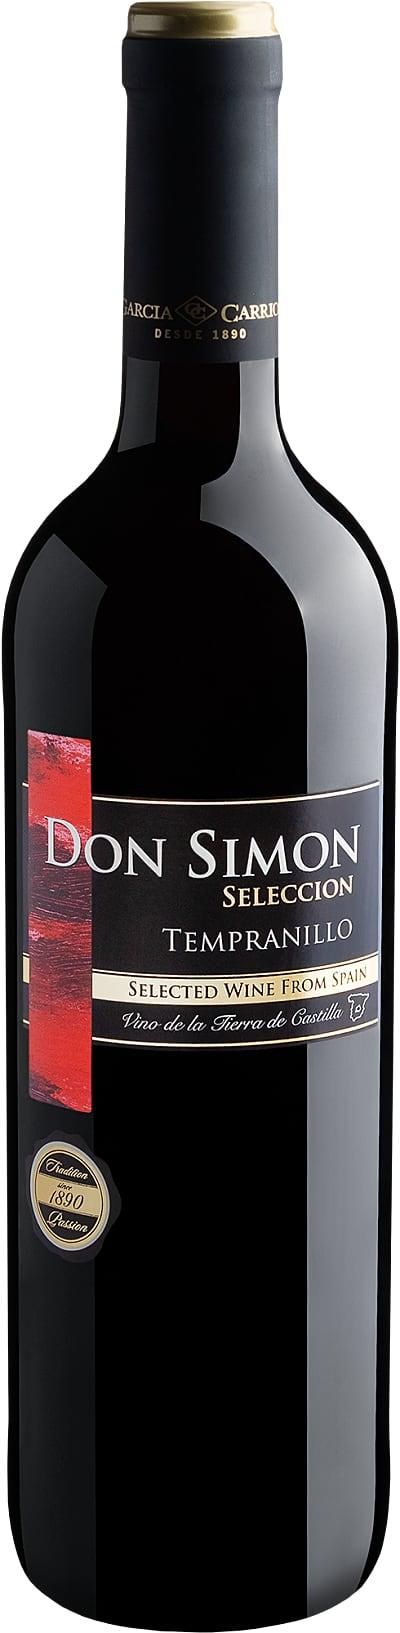 Don Simón Selección Tempranillo